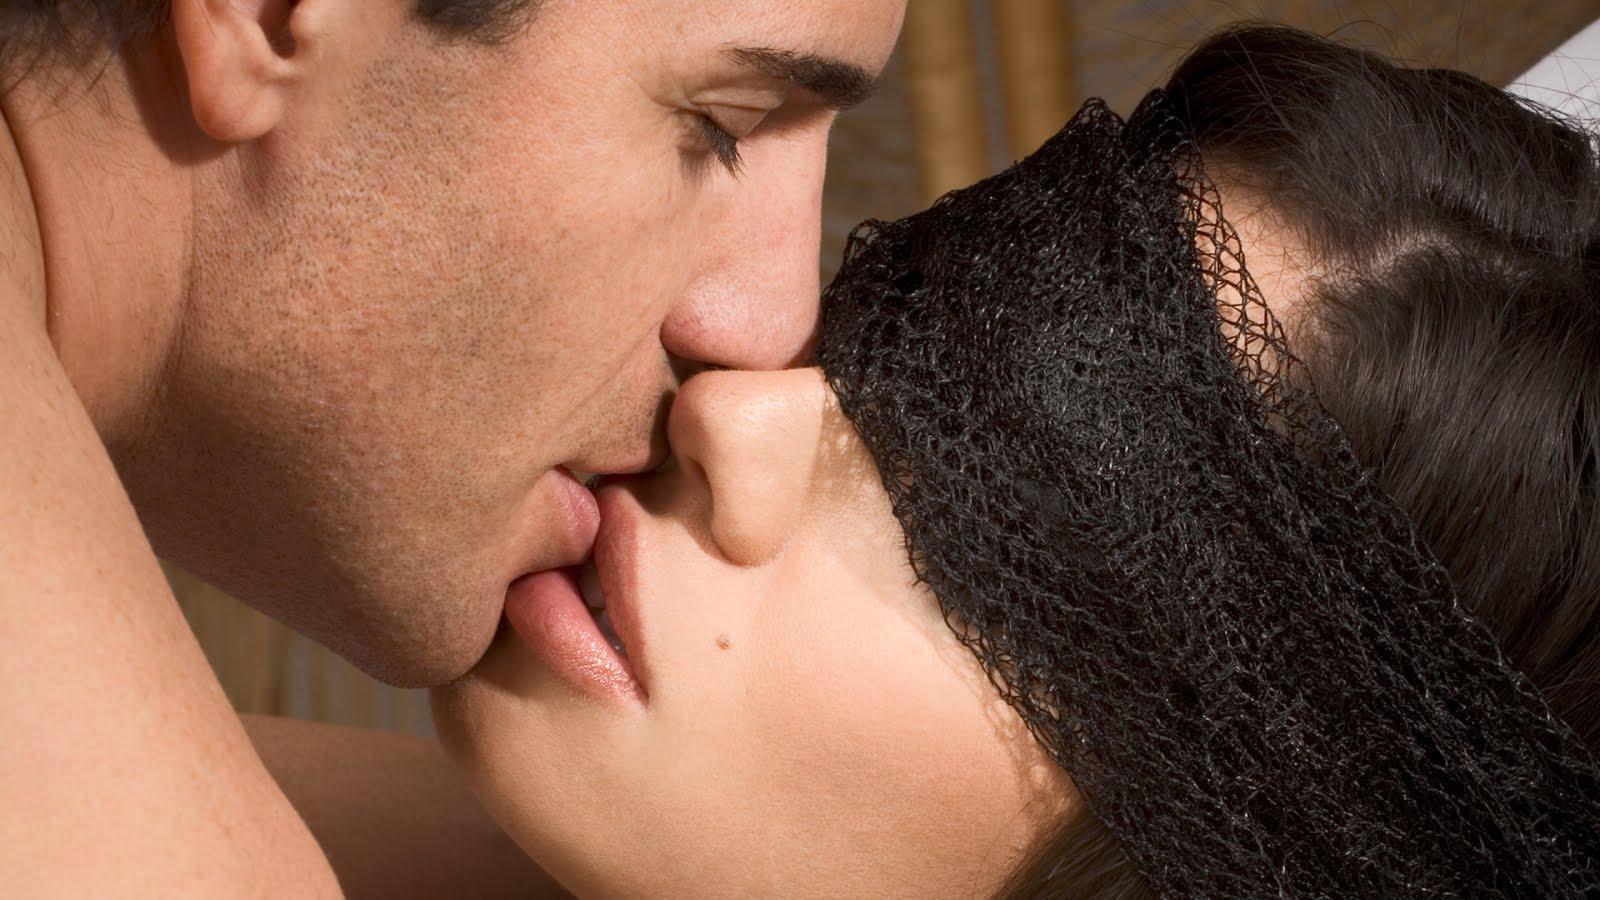 Love Hot Kiss Hd Wallpaper : HD WALLPAPERS FOR DESKTOP: hot kiss